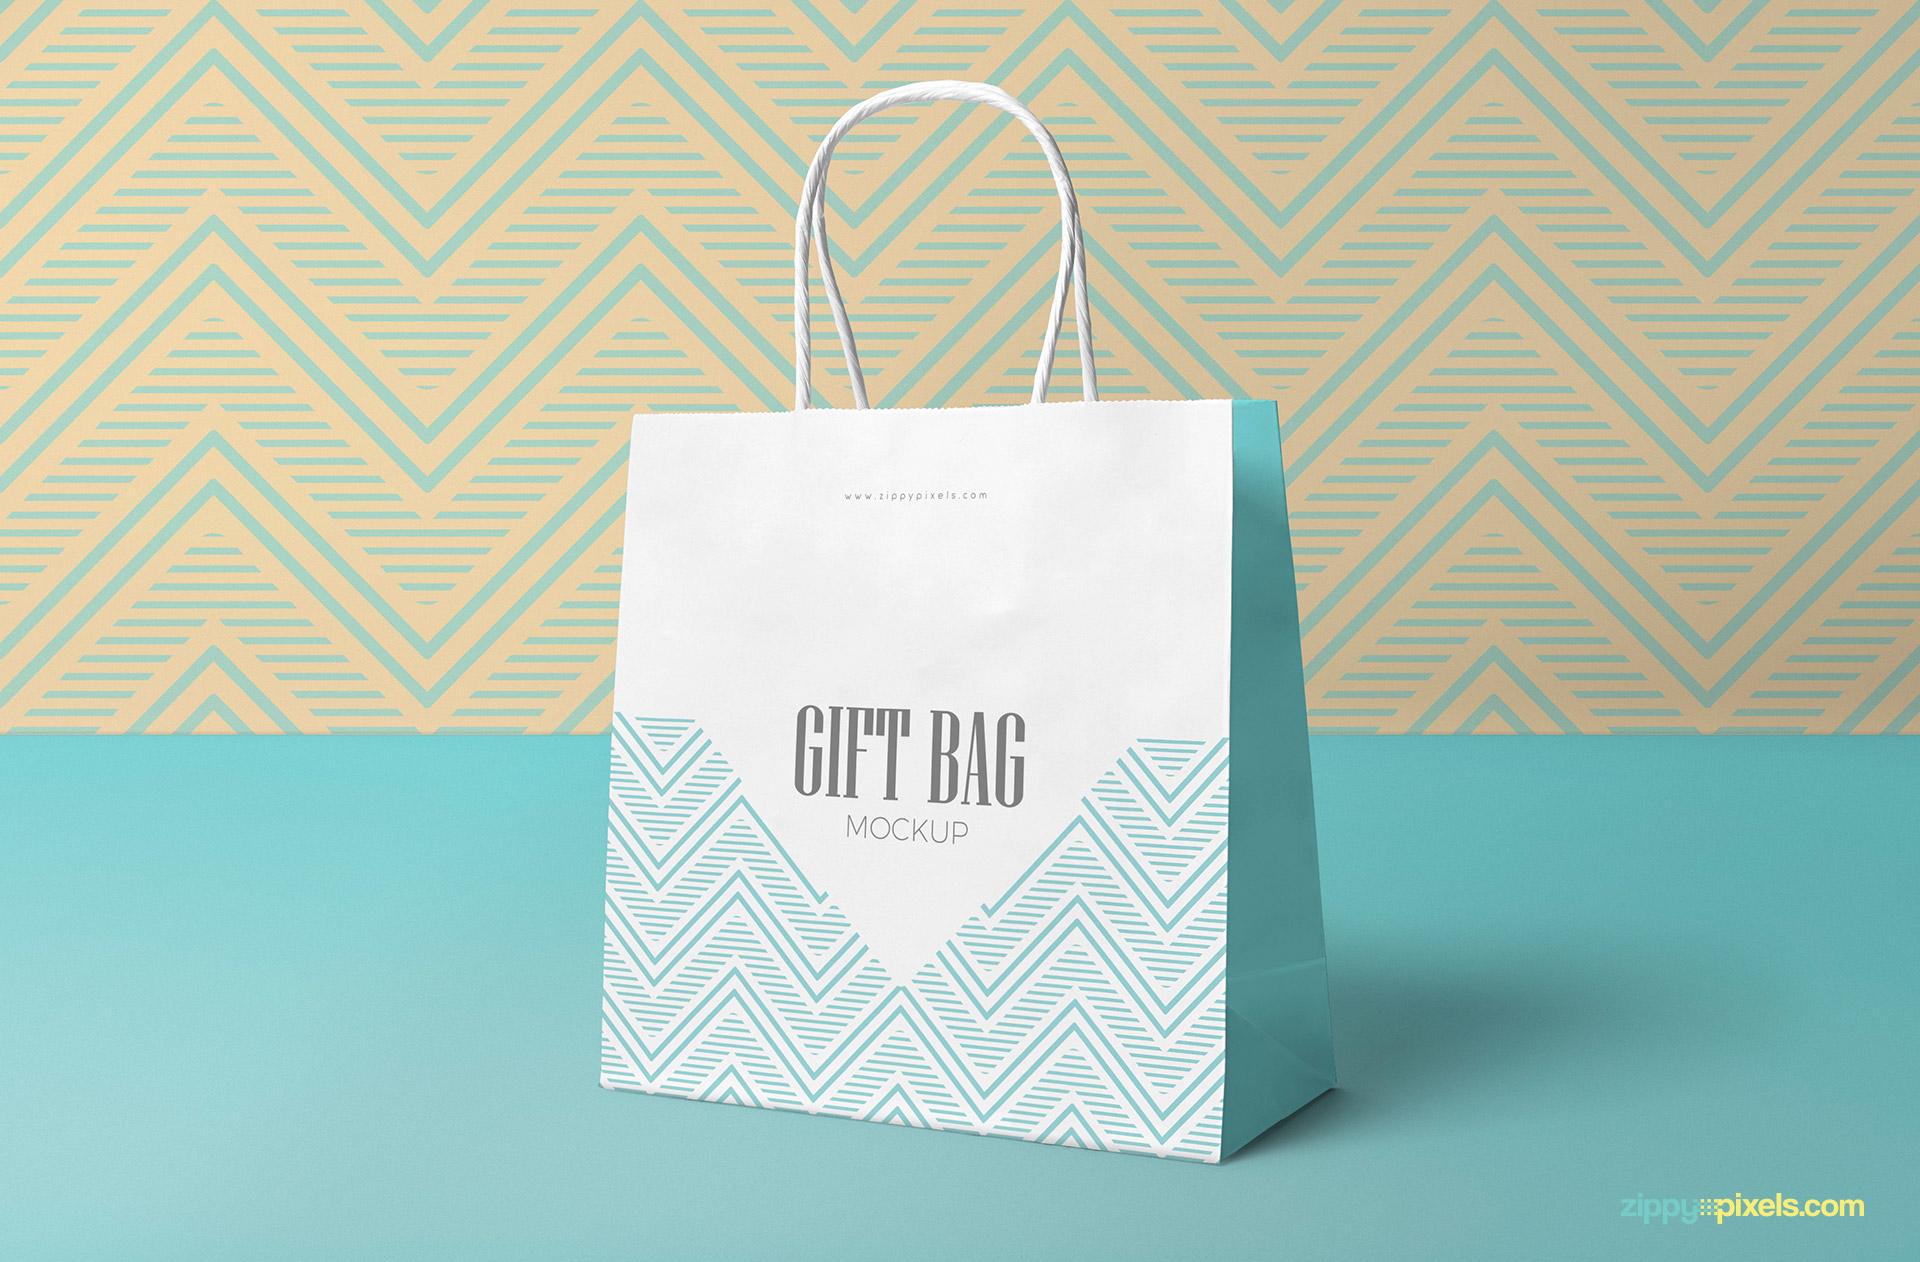 Free gift bag mockup.